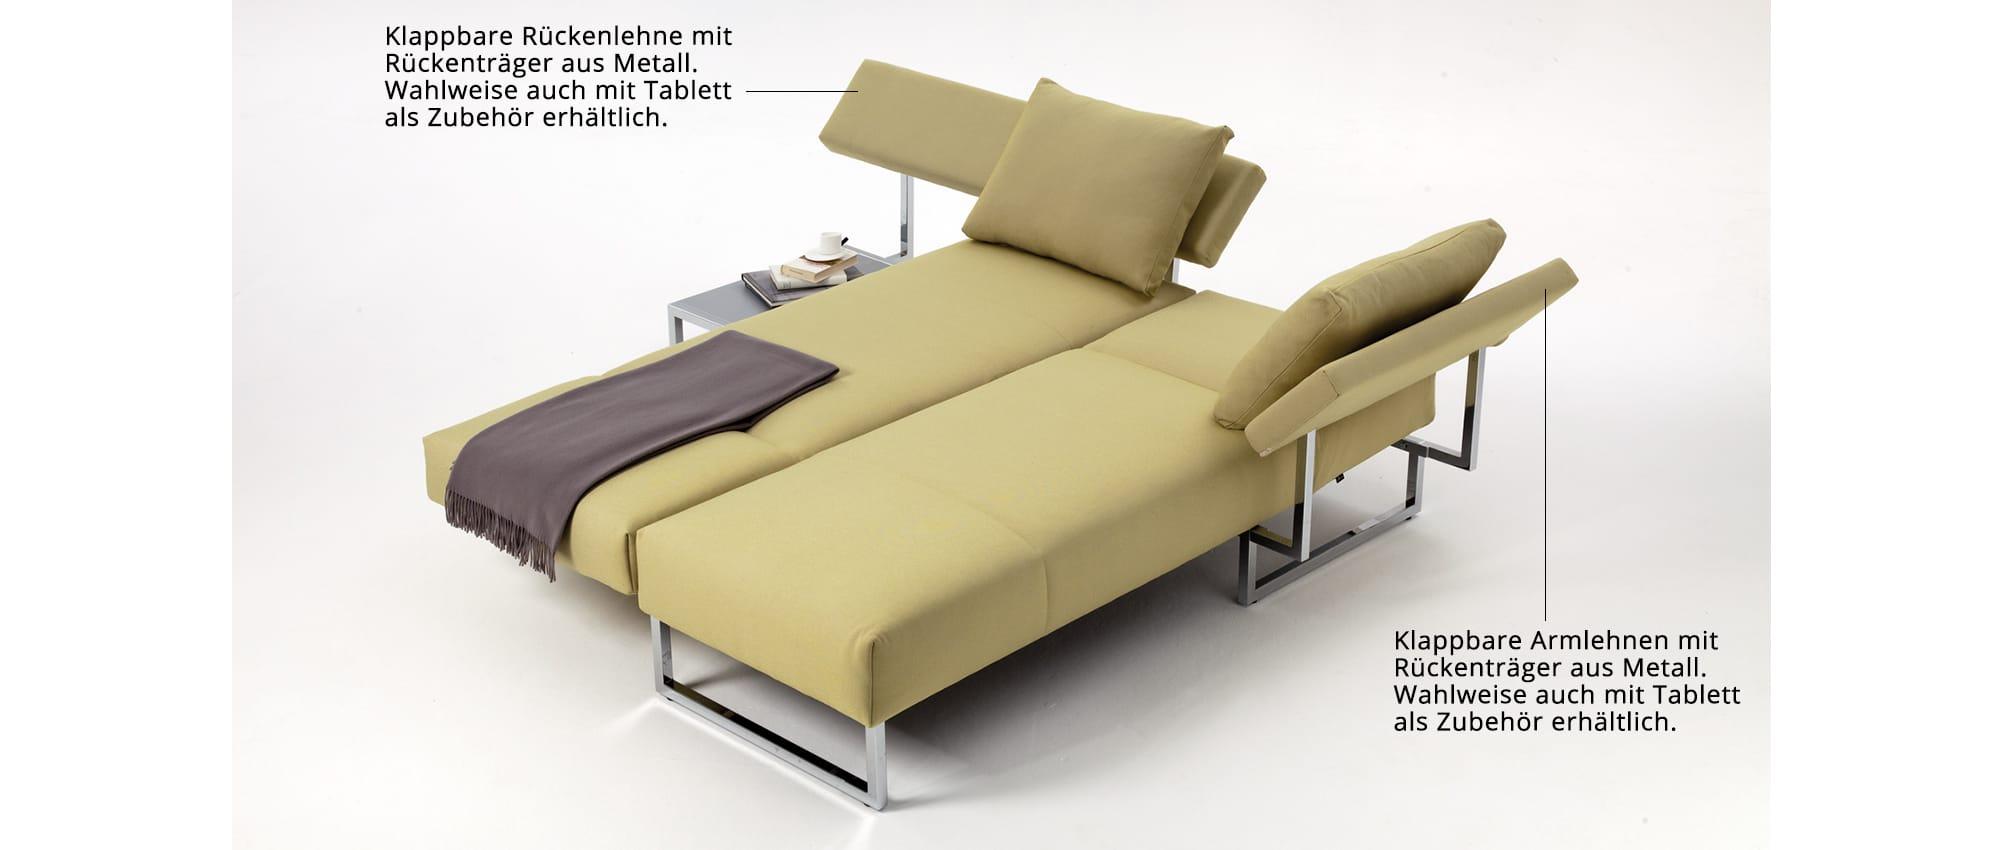 TWINSET Eckschlafsofa von Franz Fertig. Schwenkbare Sitzfläche. Klappbare Arm- und Rückenlehne. Chromkufen und Sofa in gelb.